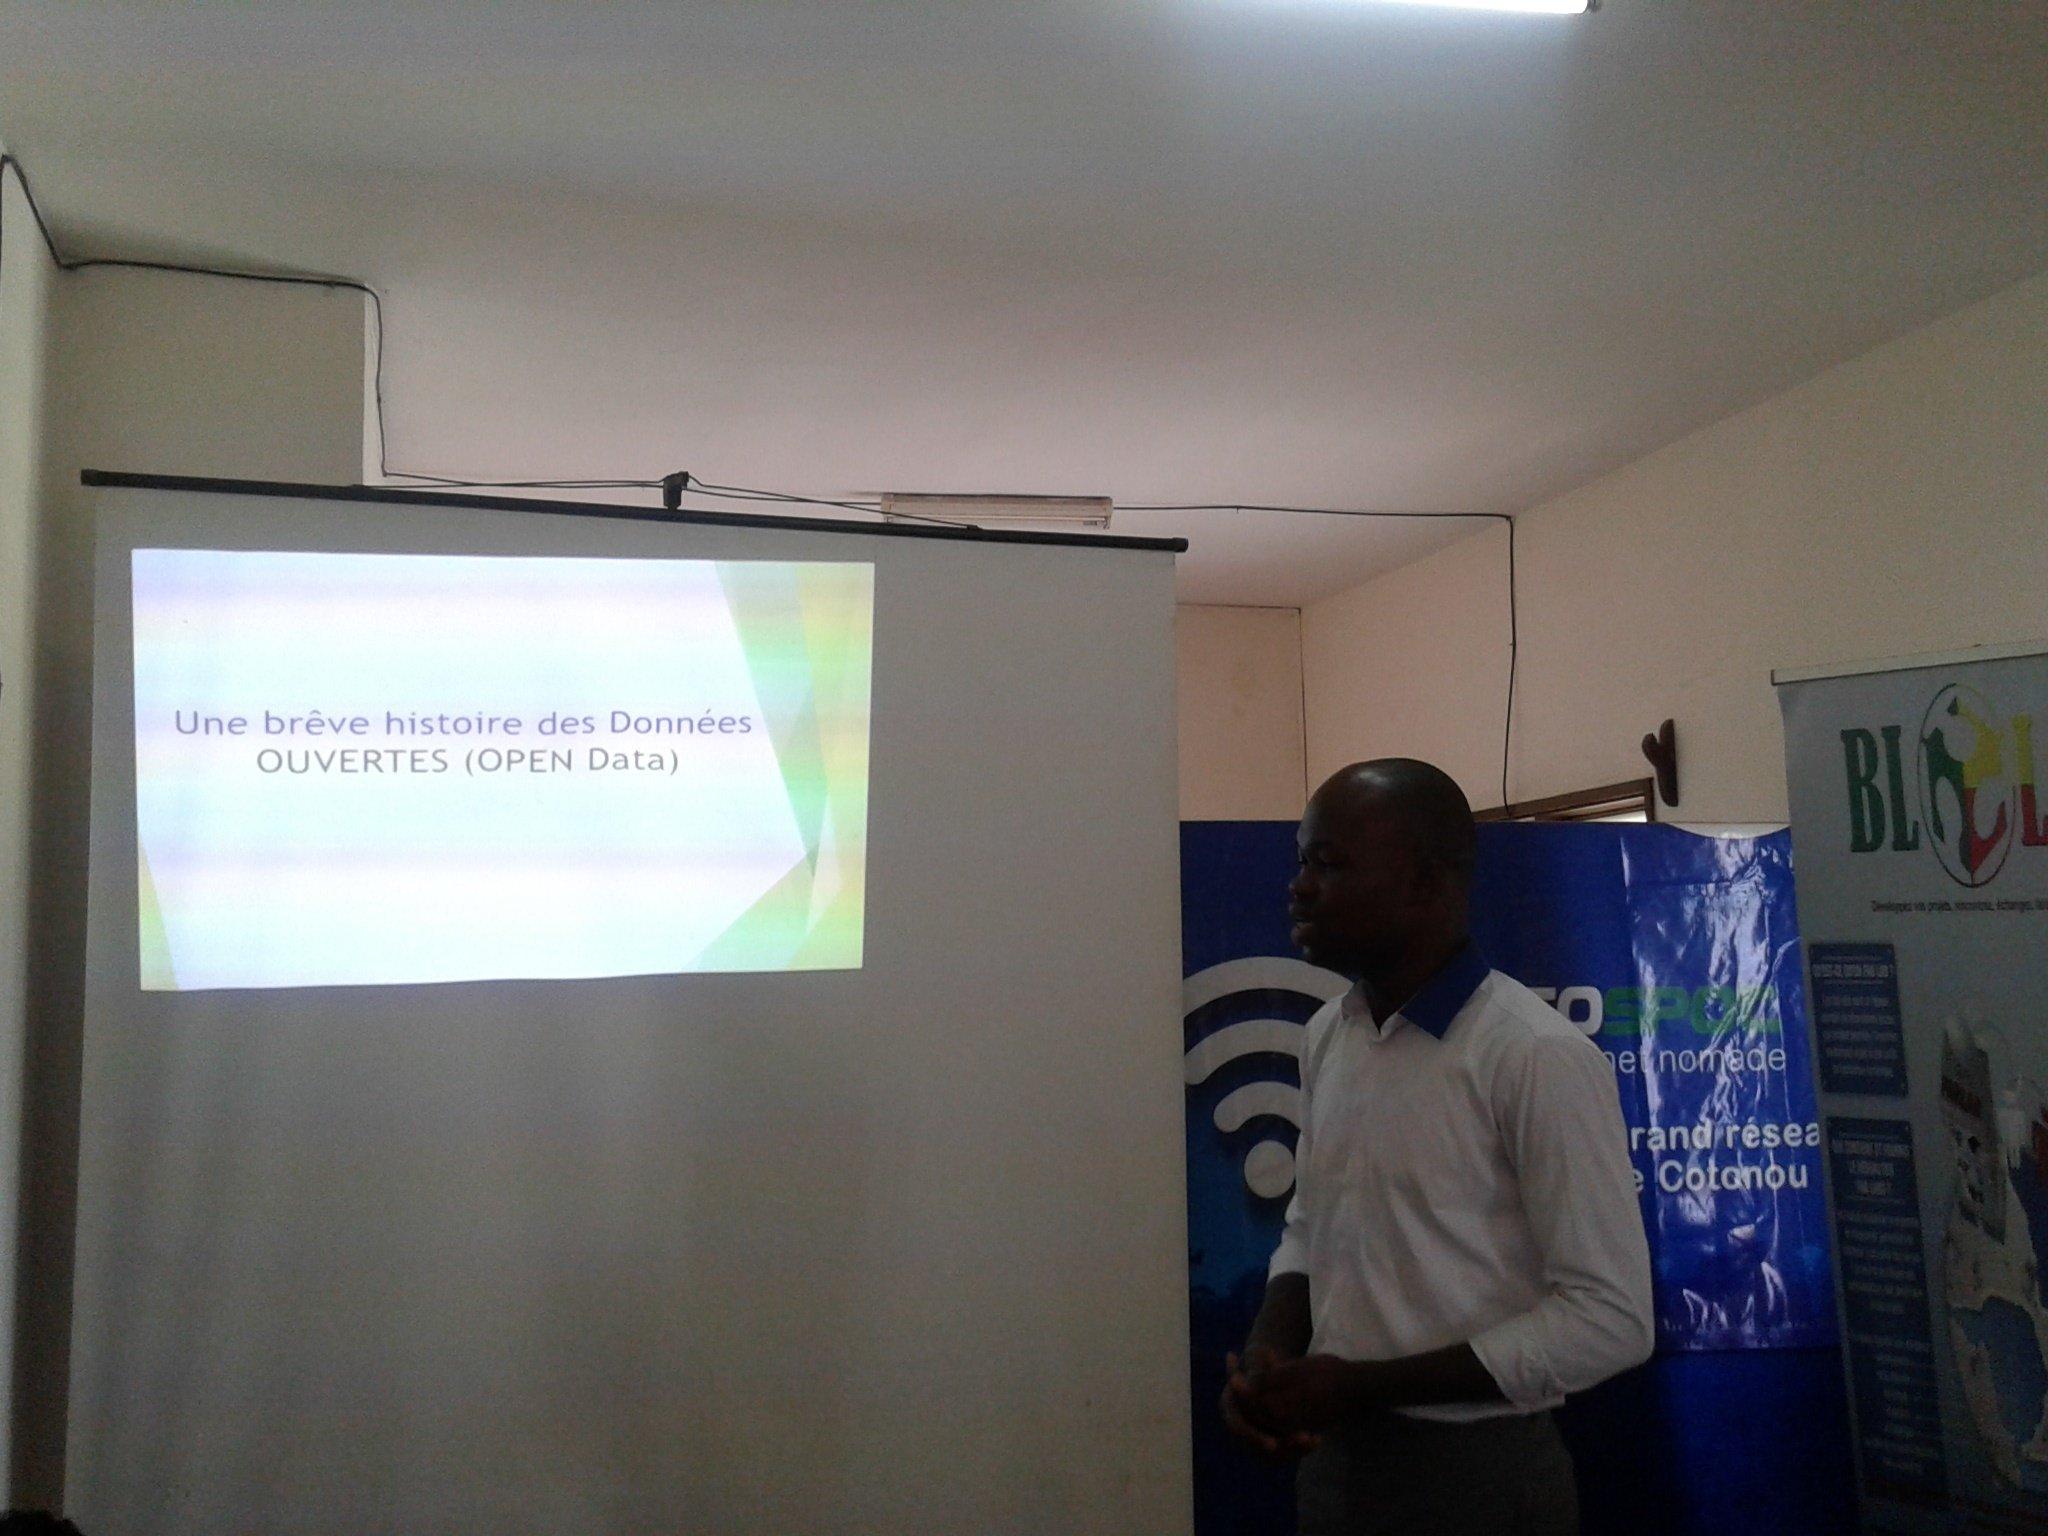 Brève histoire des données #Data avec @seigla ici au #OpenDataDay #Cotonou. #wasexo cc @ab_benin @blolab_cotonou https://t.co/7I03zBBYEC